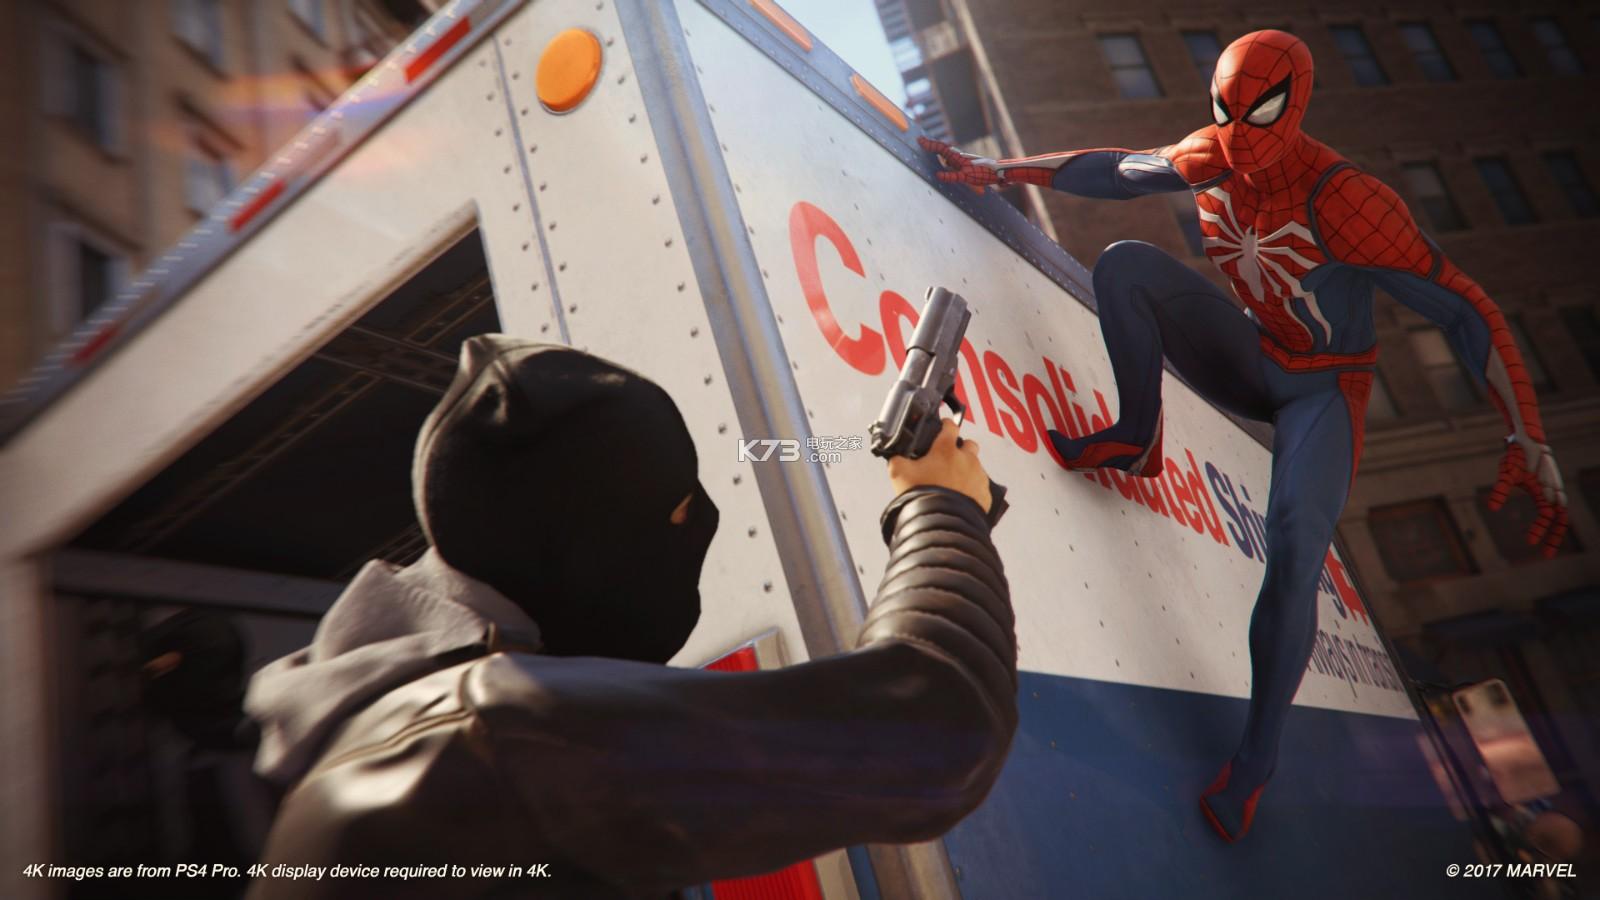 曾打造了《日落过载》、《瑞奇与叮当》的Insomniac Games今次与漫威联手,推出《蜘蛛侠》PS4独占新作。本作将会还原出蜘蛛侠的强大能力,为玩家带来从未有过的《蜘蛛侠》游戏体验。在这款游戏中,将会有一定的跑酷元素,而活用环境也将成为攻关的关键。